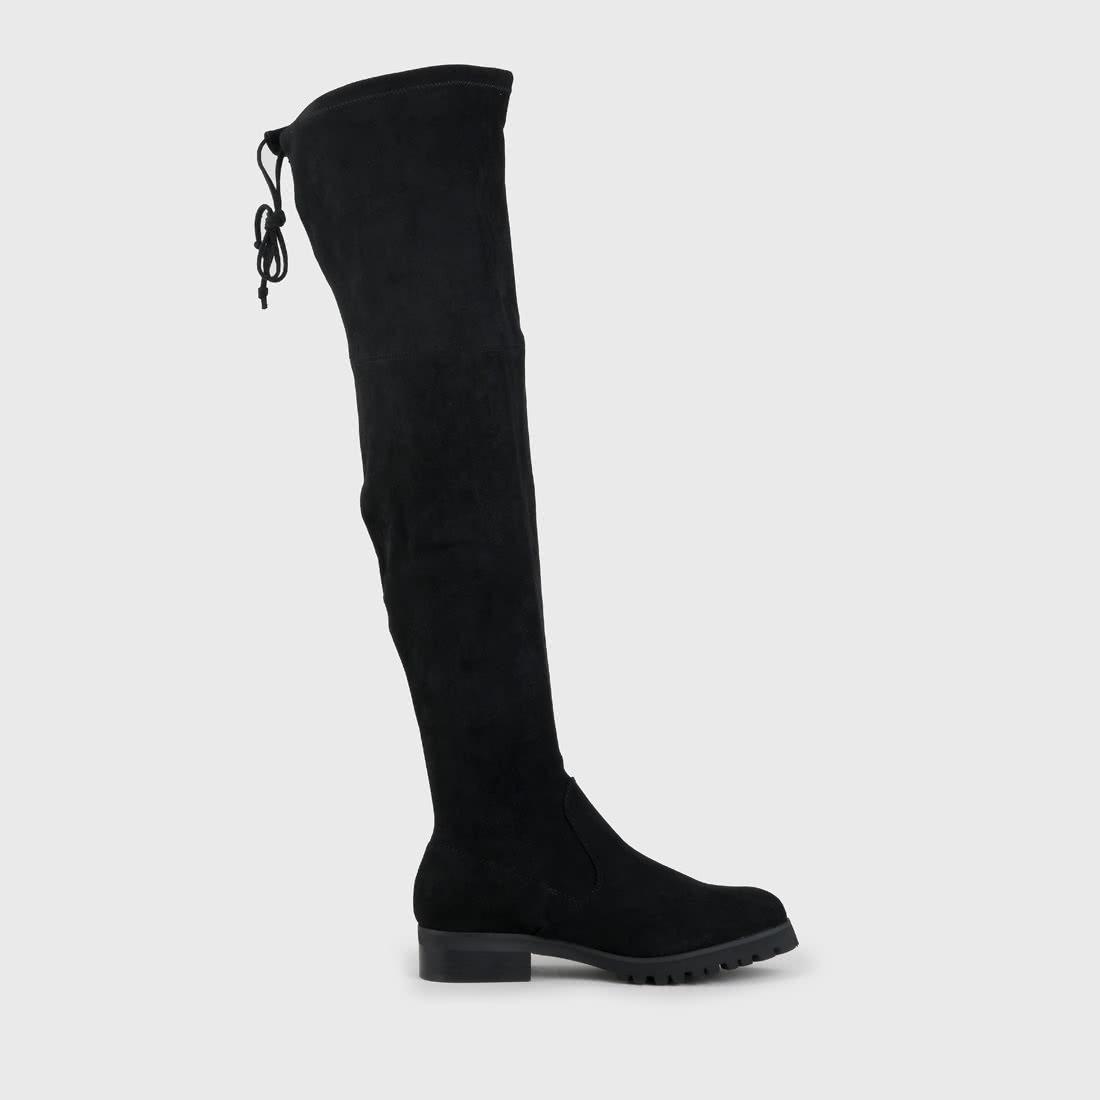 BUFFALO LONDON Buffalo Overknee Stiefel in schwarz | Buffalo